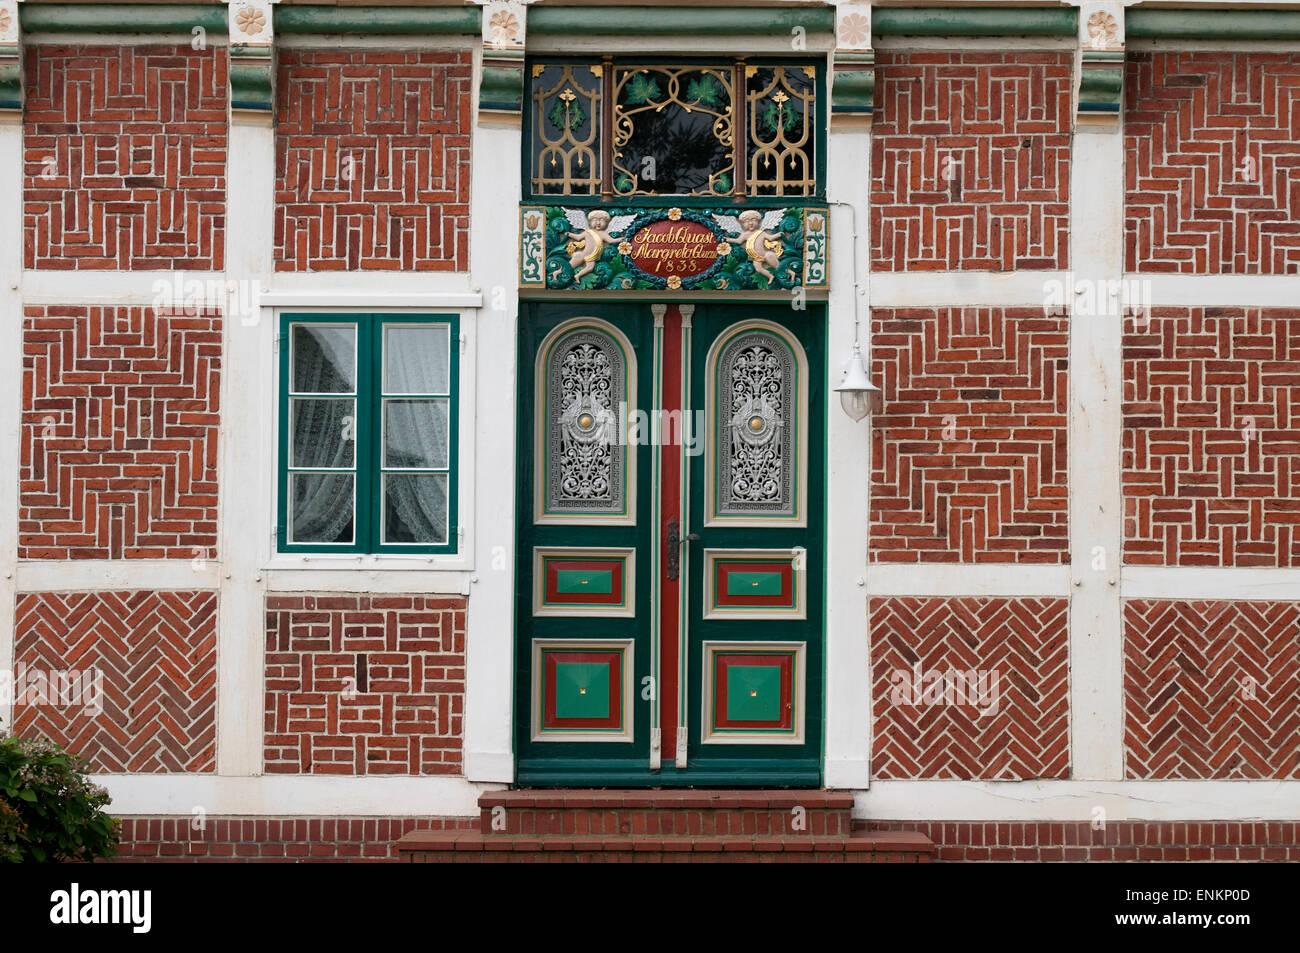 Tuer, Bauernhof, Fachwerk, Altes Land, Niedersachsen, Deutschland |  Door, Farm house, timber framed, Altes Land, - Stock Image